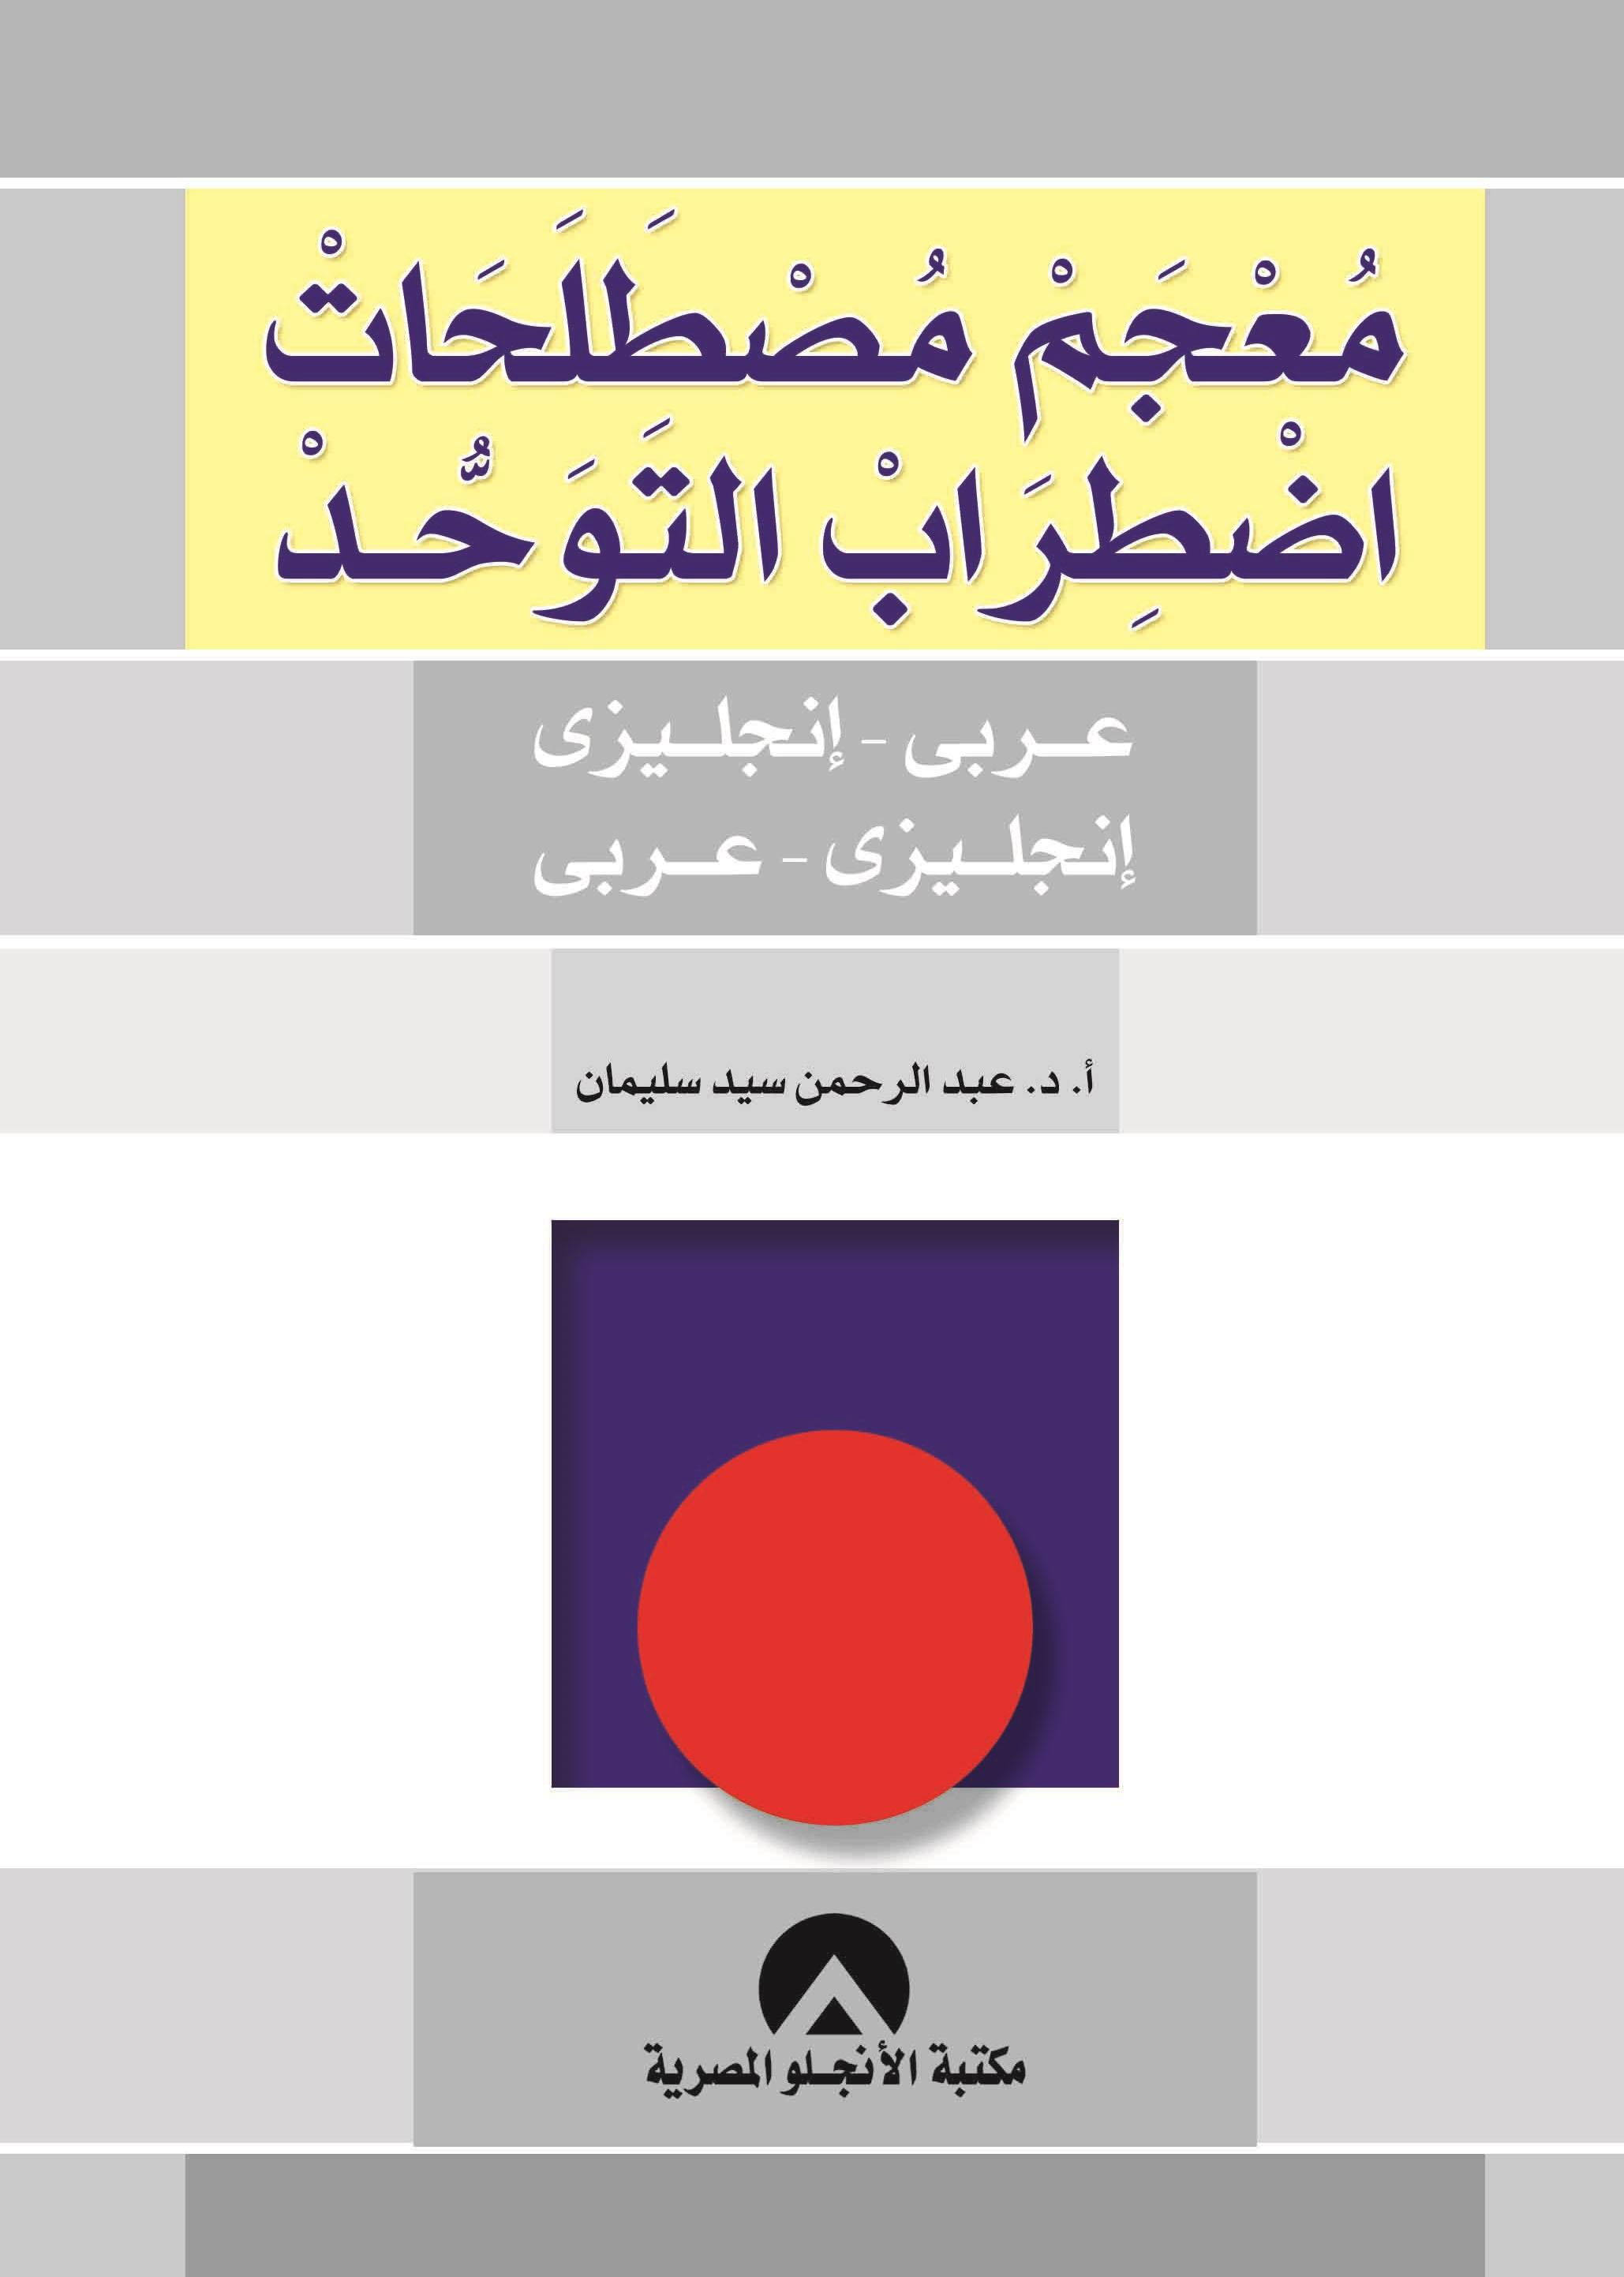 معجم مصطلحات اضطراب التوحد (إنجليزي عربي- عربي إنجليزي)